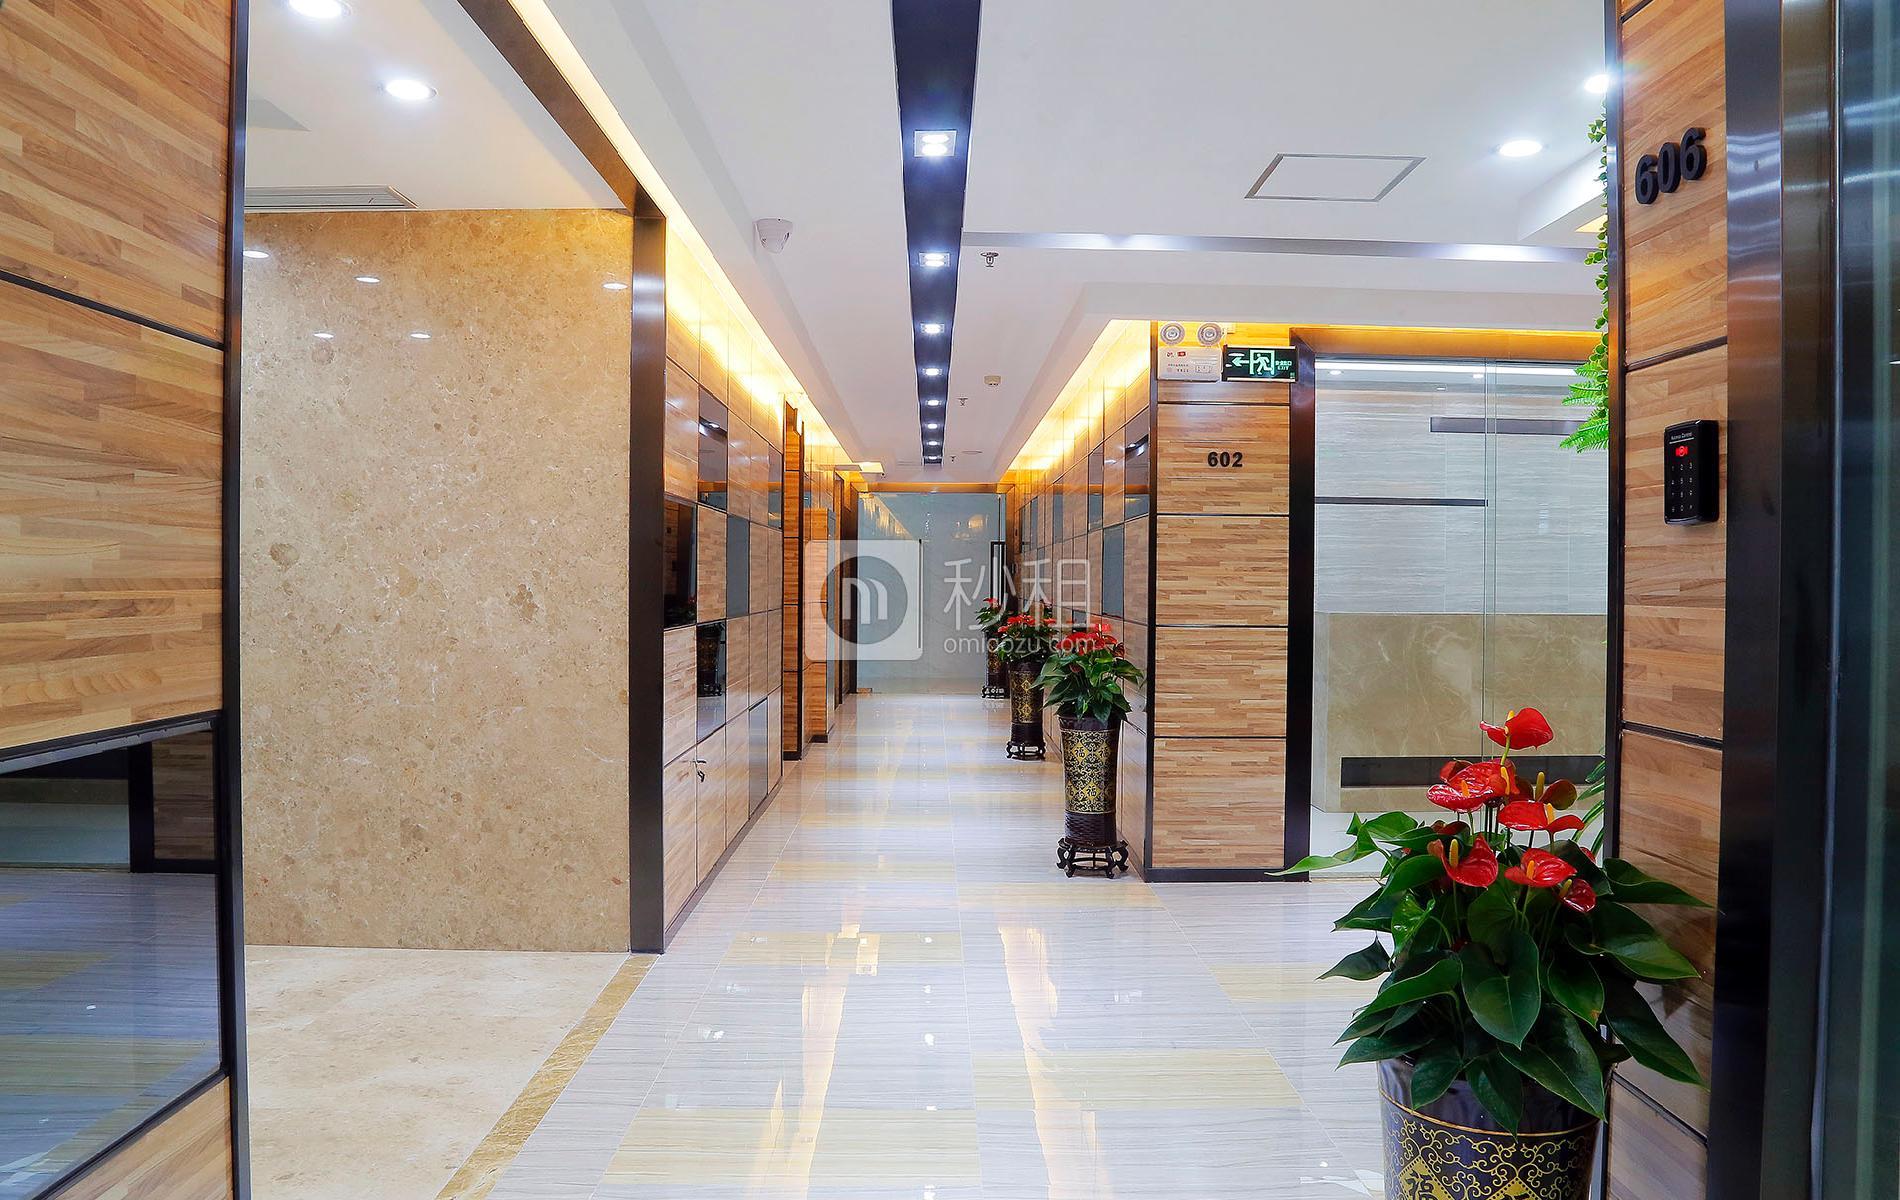 迈科龙大厦写字楼出租/招租/租赁,迈科龙大厦办公室出租/招租/租赁